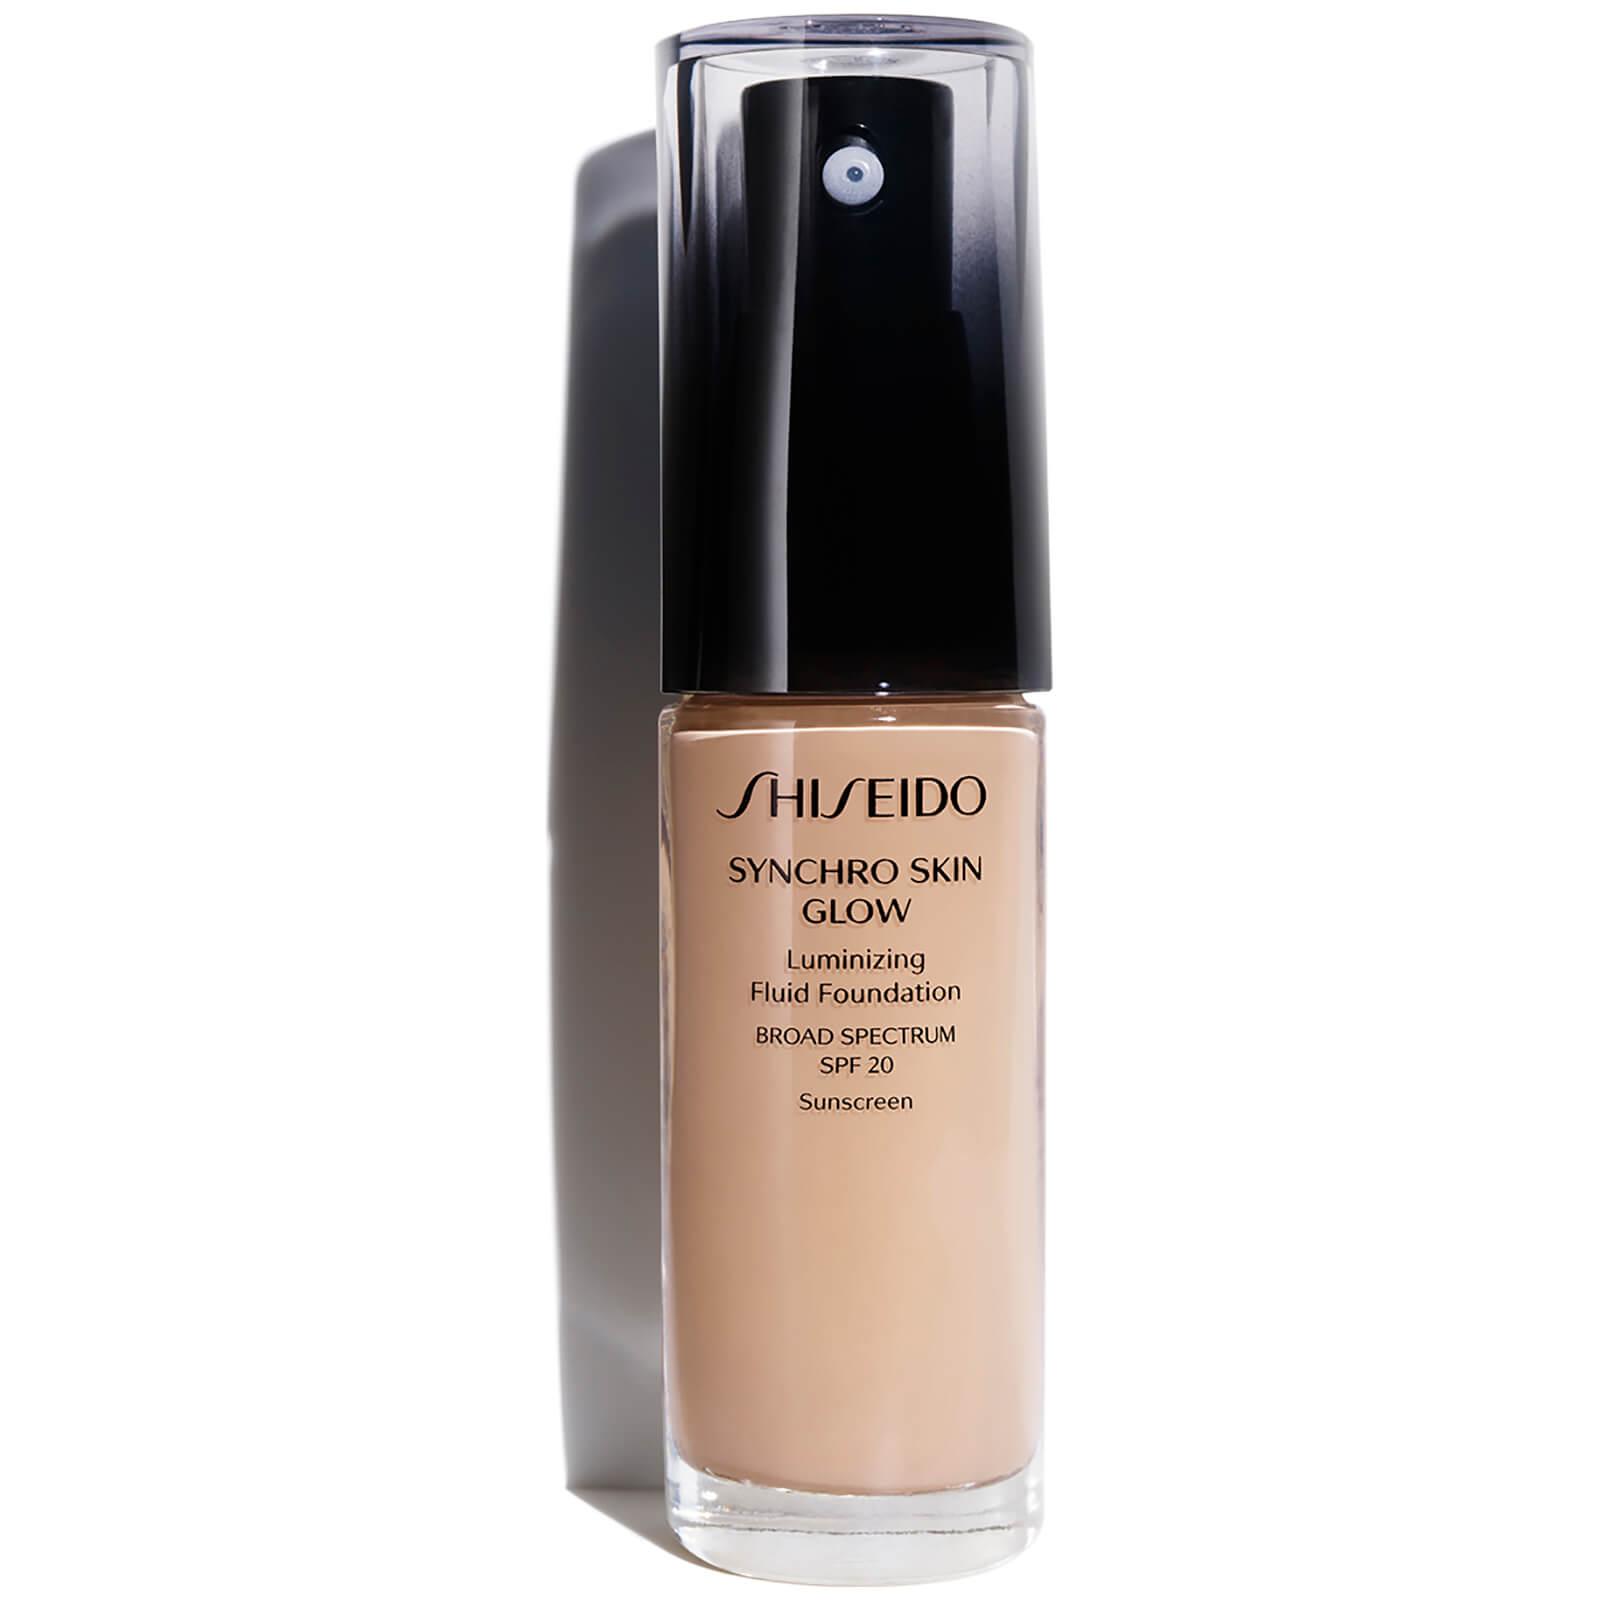 Shiseido Synchro Skin Glow Luminizing Foundation 30ml (Various Shades) - Rose 3